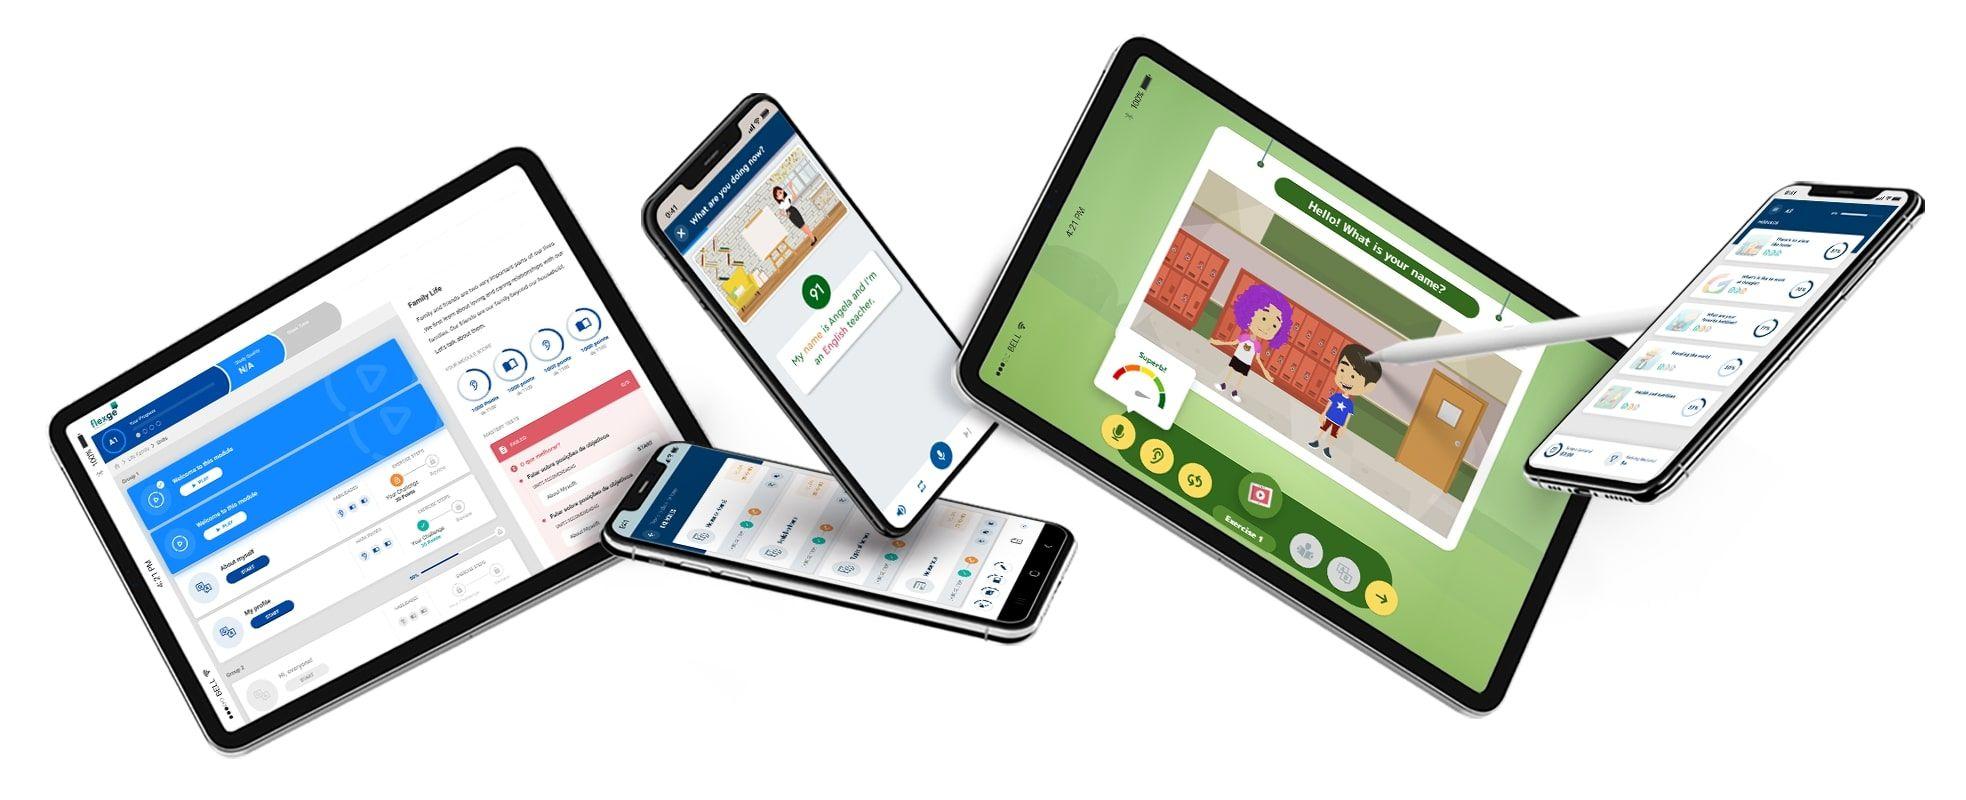 Imagens das telas da plataforma de ensino de inglês da Flexge